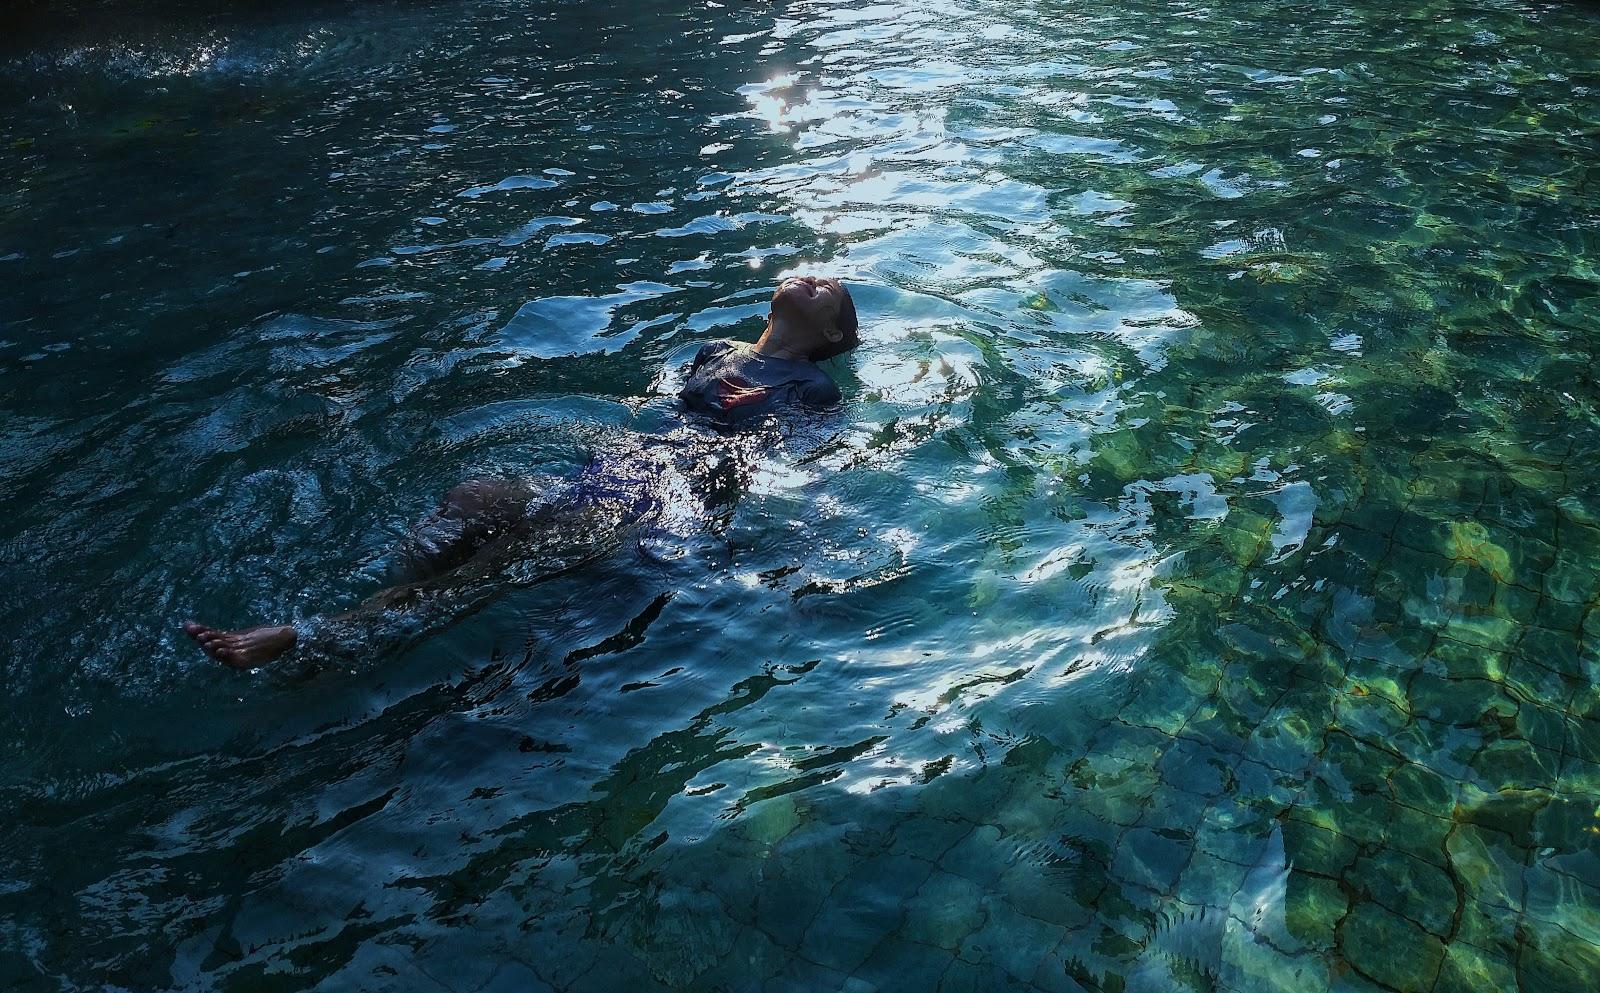 Menikmati libur akhir pekan diSuncity Waterpark Sidoarjo, Harga tiket masuk Rp 50.000 (weekend)